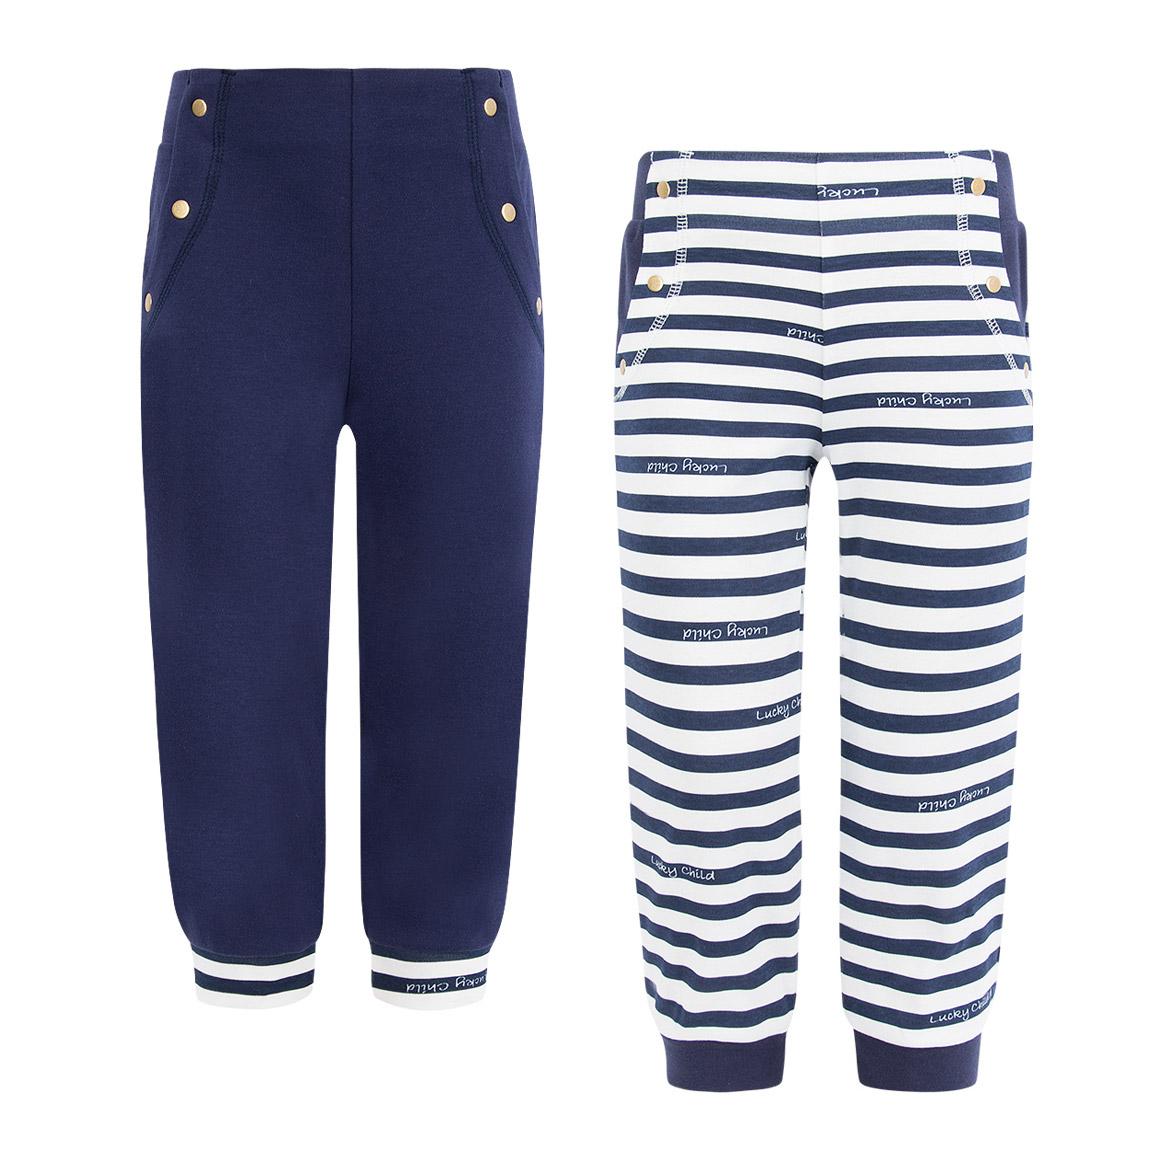 Купить Комплект брюк Lucky Child Лазурный берег 2 шт 110-116, Синий, Белый, Интерлок, Для девочек, Весна-Лето,